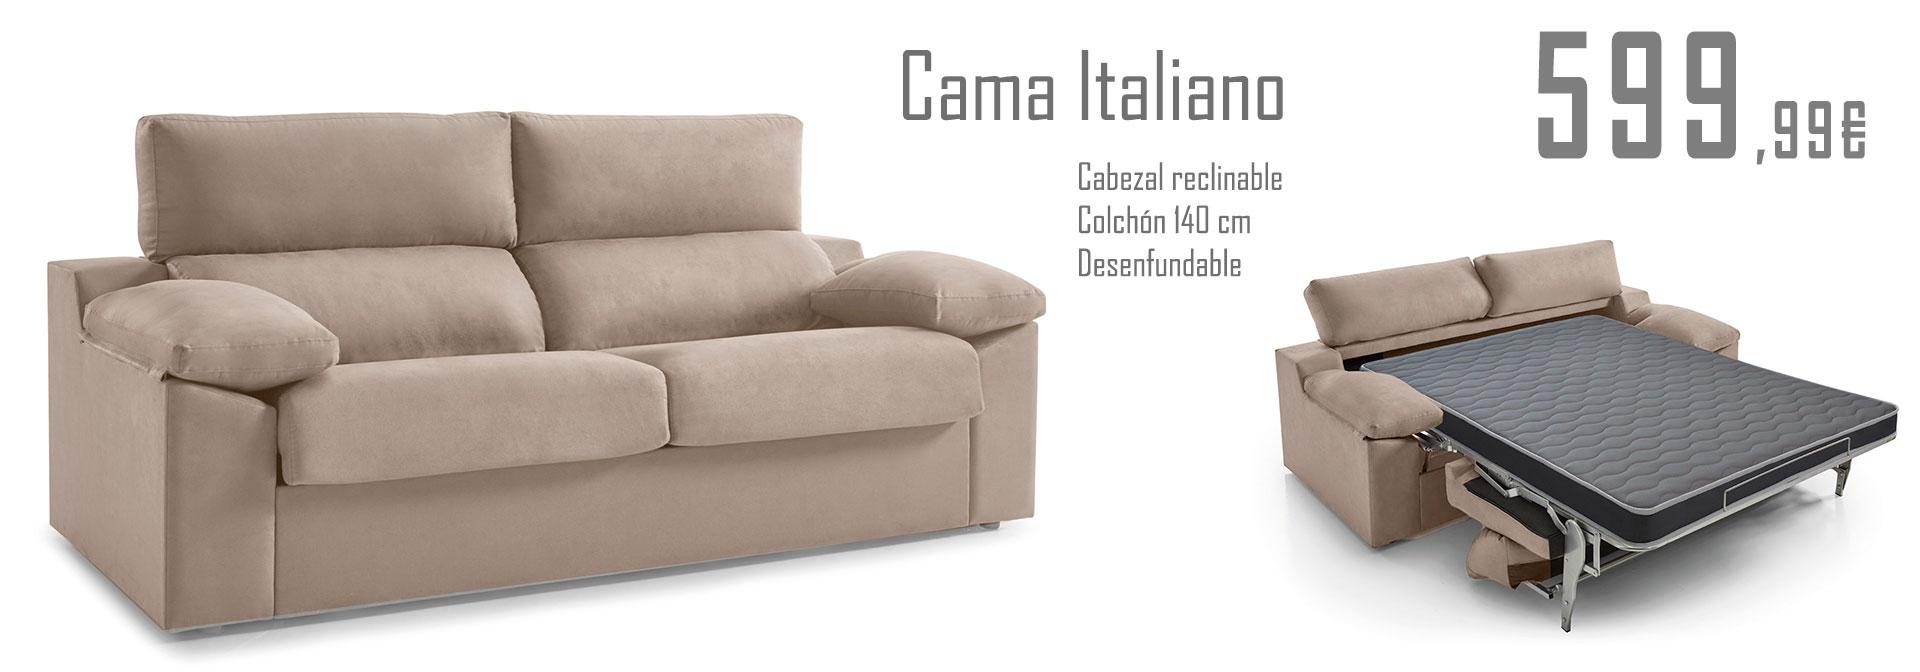 Cama italiano1